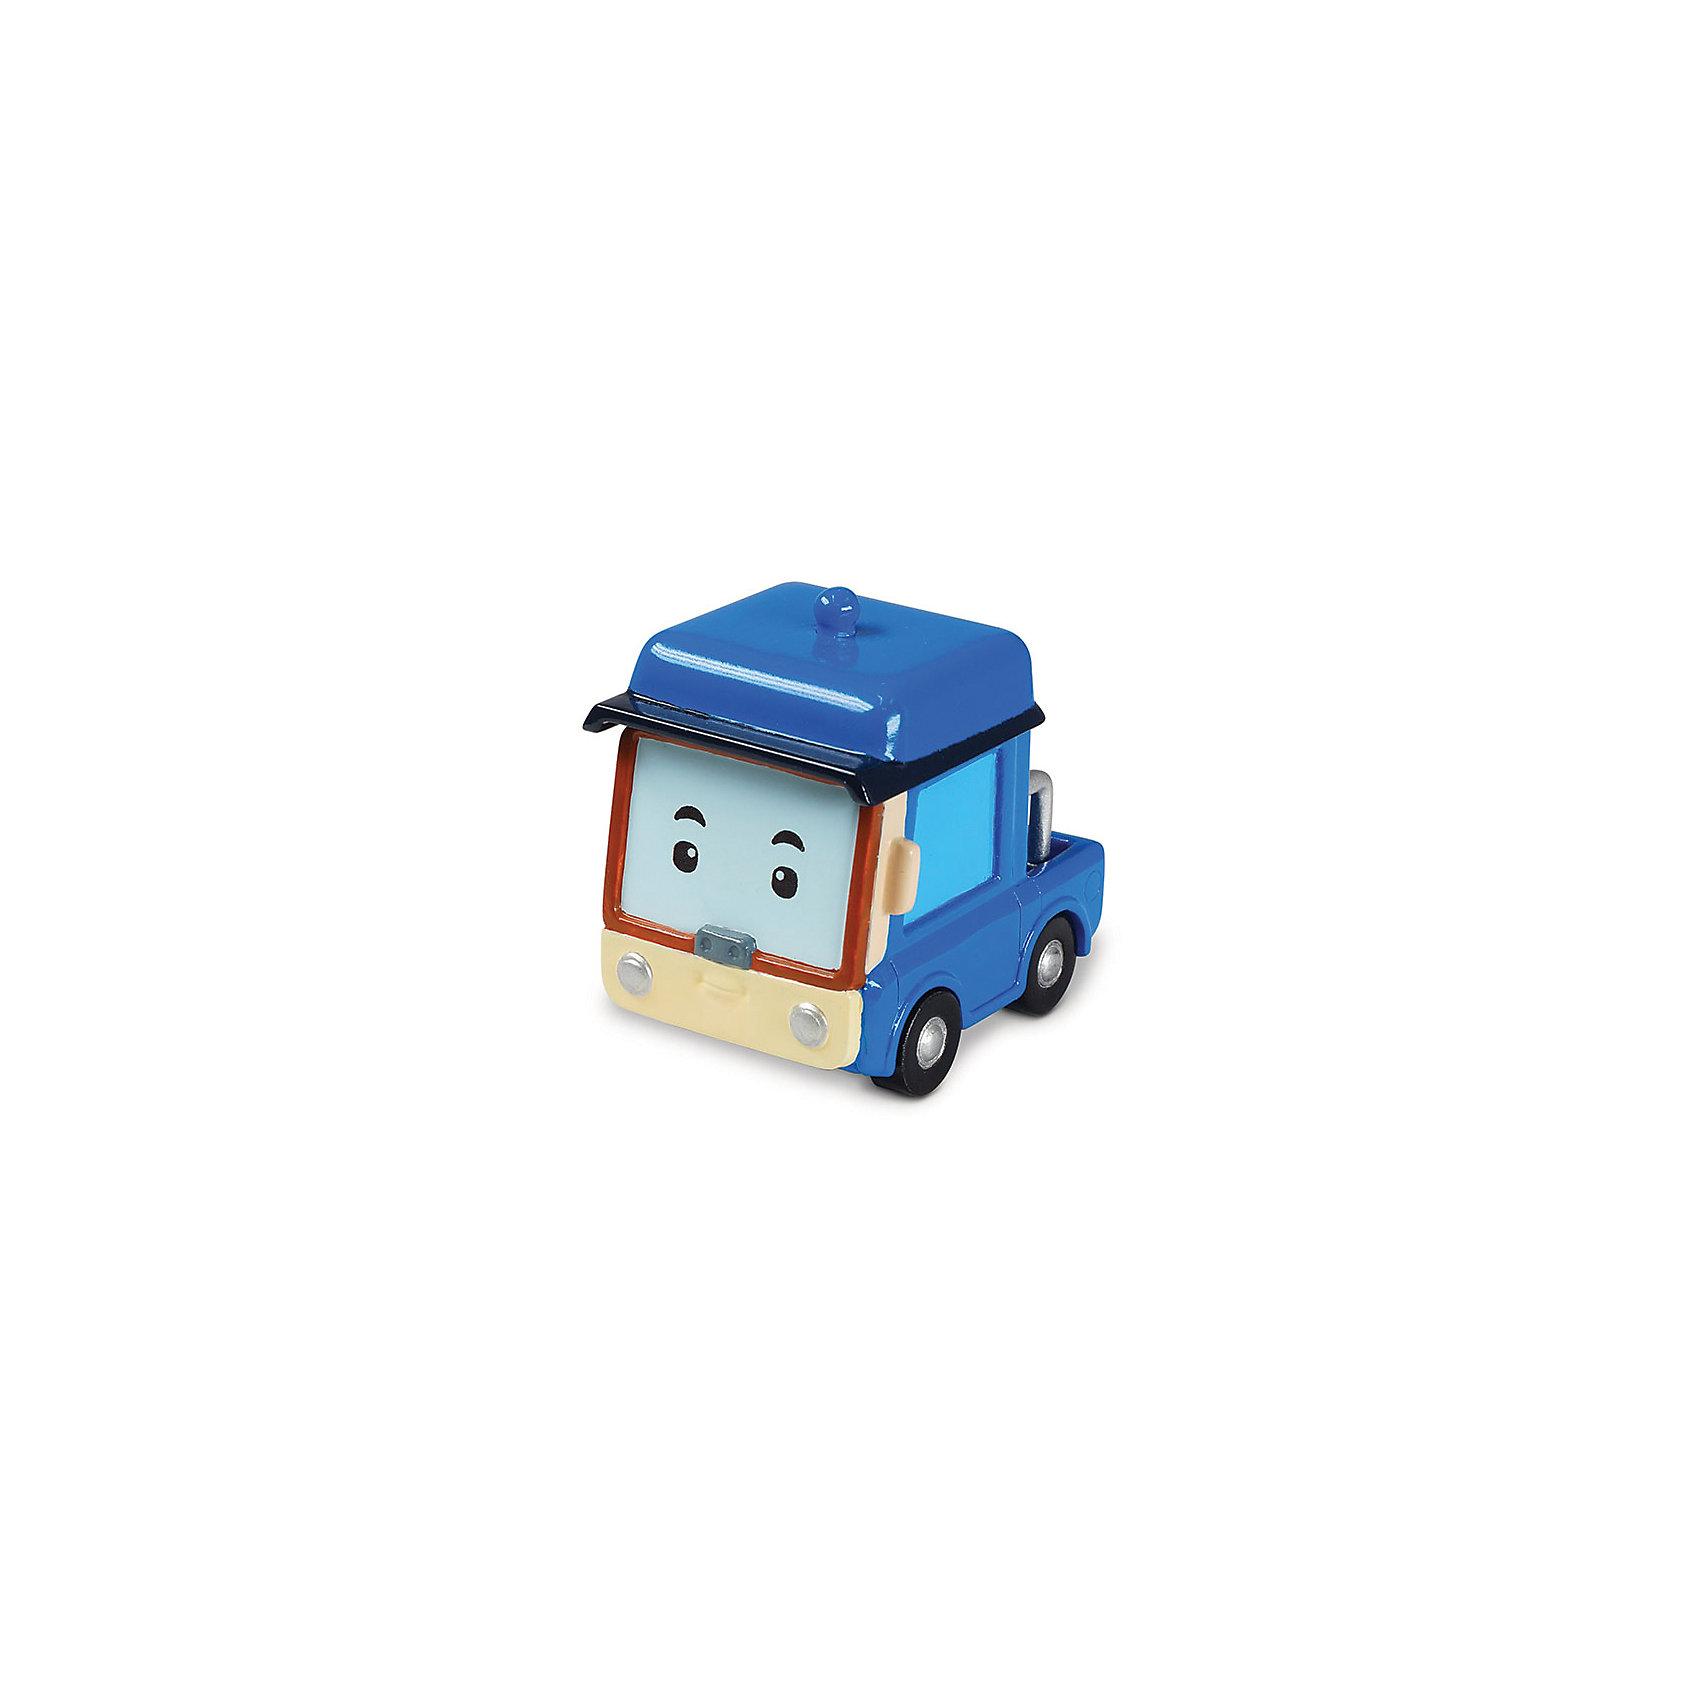 Игрушка Металлическая машинка Бэнни, 6 см, Робокар ПолиИгрушки<br>Робокар Поли (Robocar Poli) -  добрый, интересный мультфильм про жителей удивительного города Брумстауна. В главных ролях команда отважных машинок-спасателей. Каждый малыш мечтает получить фигурки любимых героев в подарок! Бэнни с виду очень скромный маленький погрузчик. Однако если кому-то нужна помощь он говор тут же ринуться в бой! Бэнни хочет стать настоящим спасателем когда вырастет. Играть с Бэнни будет еще интереснее, ведь она точь в точь как в мультфильме! Маленькую металлическую машинку легко брать с собой, она очень прочная и при этом безопасная, так как не содержит острых углов. Соберите всю коллекцию из серии Робокар Поли (Robocar Poli) и пускайтесь с любимыми героями в захватывающие приключения!<br><br>Дополнительная информация:<br><br>- Небольшая металлическая машинка;<br>- Стойкая краска;<br>- Очень понравится поклоннику мультсериала Робокар Поли  (Robocar Poli);<br>- Машинка совместима с игровыми наборами;<br>- Прочная конструкция; <br>- Материал: металл;<br>- Размер машинки: 6 х 4 х 3,8 см;<br>- Вес: 127 г<br><br>Игрушку Металлическая машинка Бэнни, 6 см, Робокар Поли  (Robocar Poli) можно купить в нашем интернет-магазине.<br><br>Ширина мм: 150<br>Глубина мм: 50<br>Высота мм: 160<br>Вес г: 127<br>Возраст от месяцев: 36<br>Возраст до месяцев: 84<br>Пол: Унисекс<br>Возраст: Детский<br>SKU: 4033645